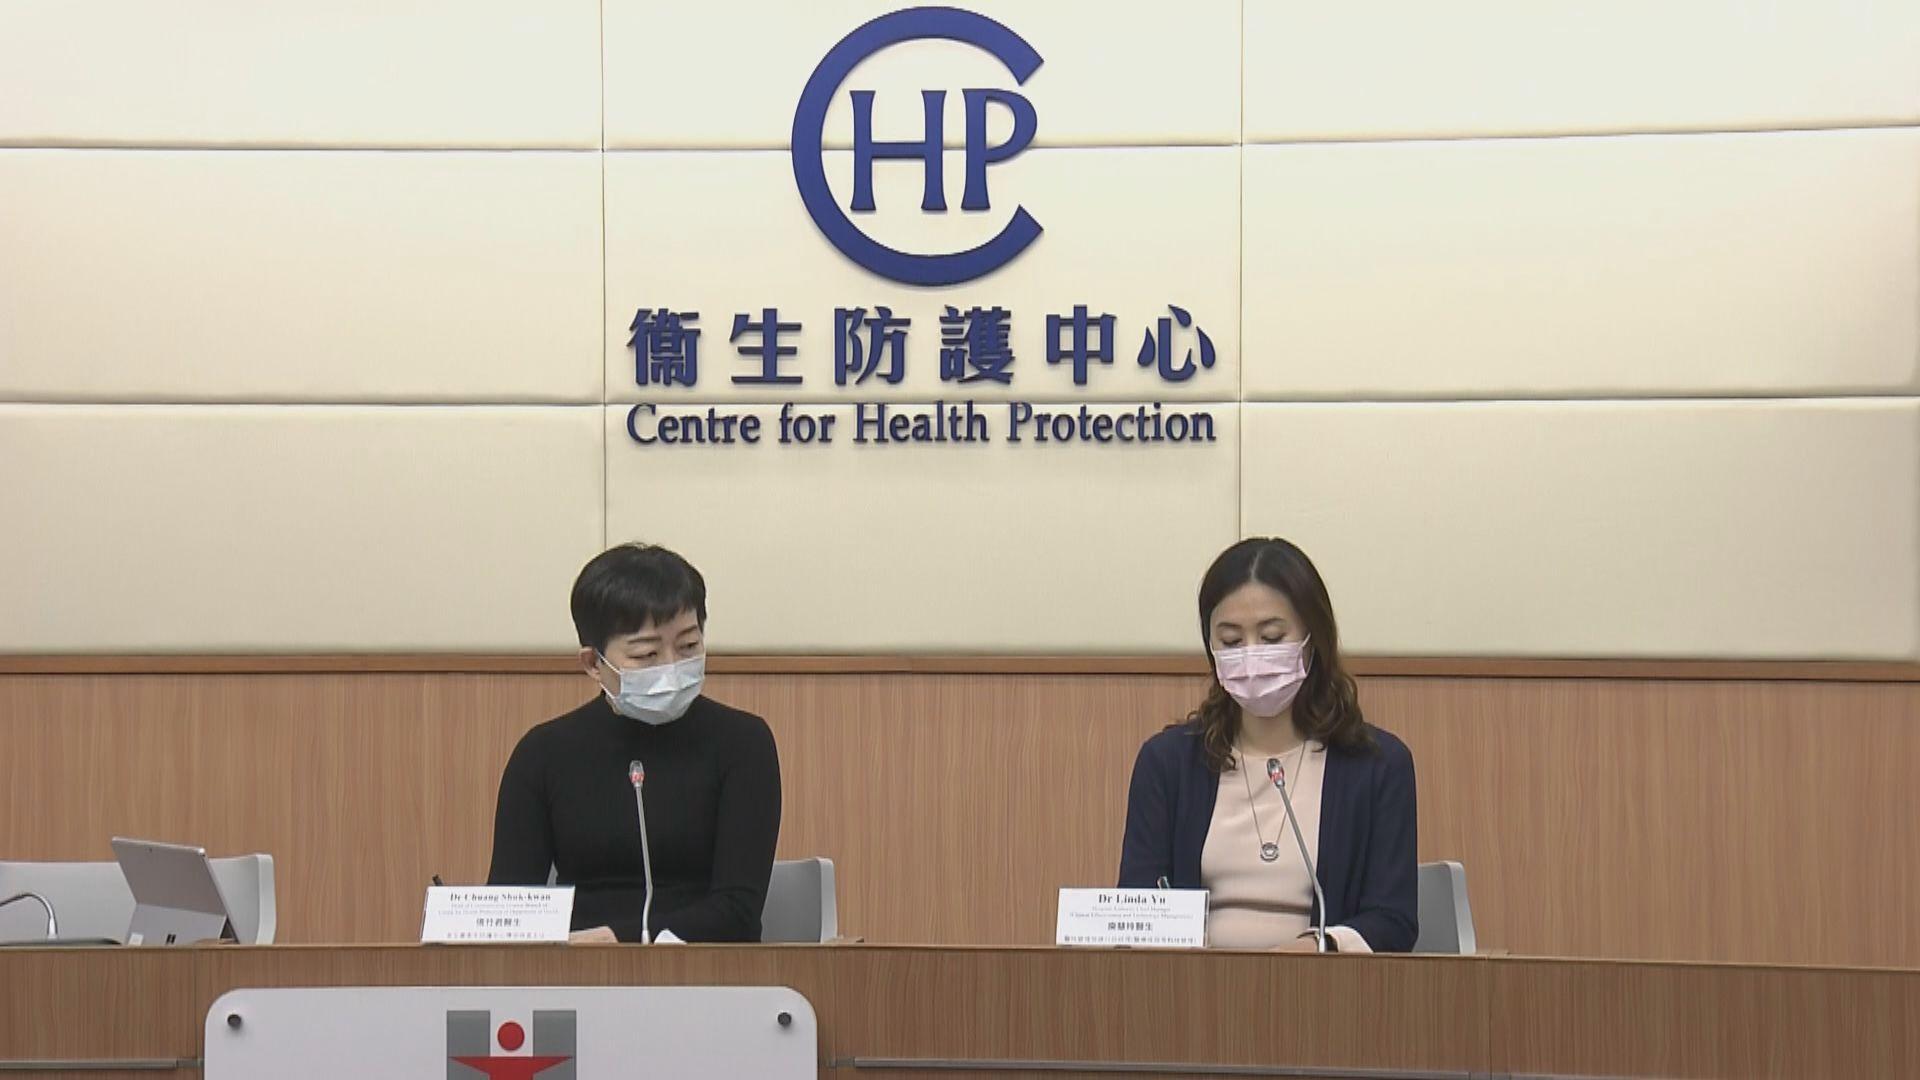 【即日焦點】施政報告重點著墨大灣區 林鄭:所有政策為香港;擬從輕處理反修例被捕未成年人 大律師指主動認錯非必然不留案底